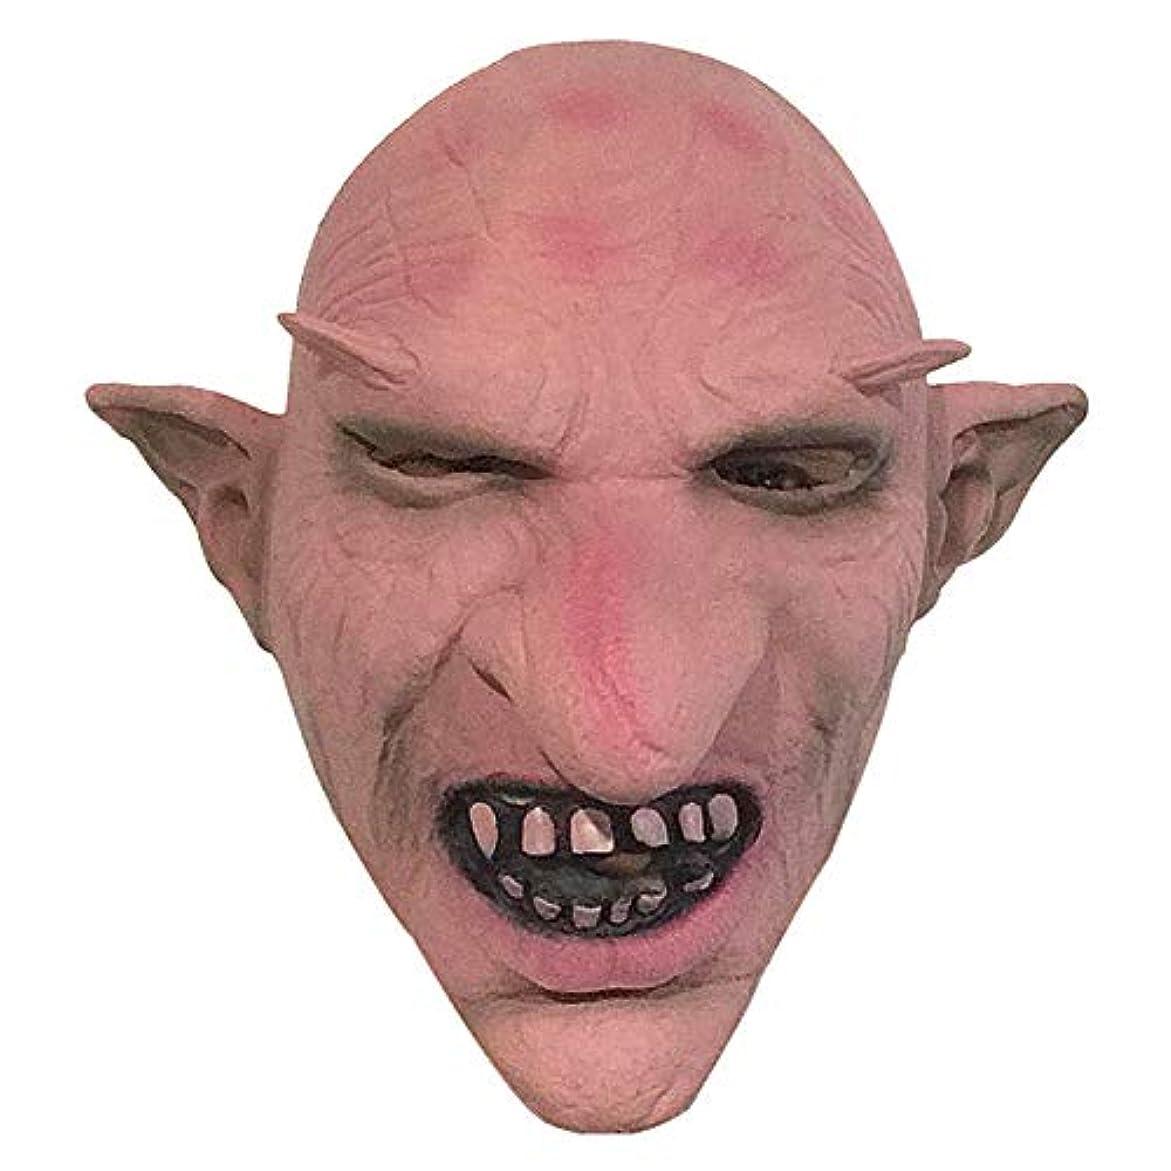 キャストプログラム発症マスク大きな鼻ホラーマスクホラーラテックスマスクハロウィーンシミュレーションマスク